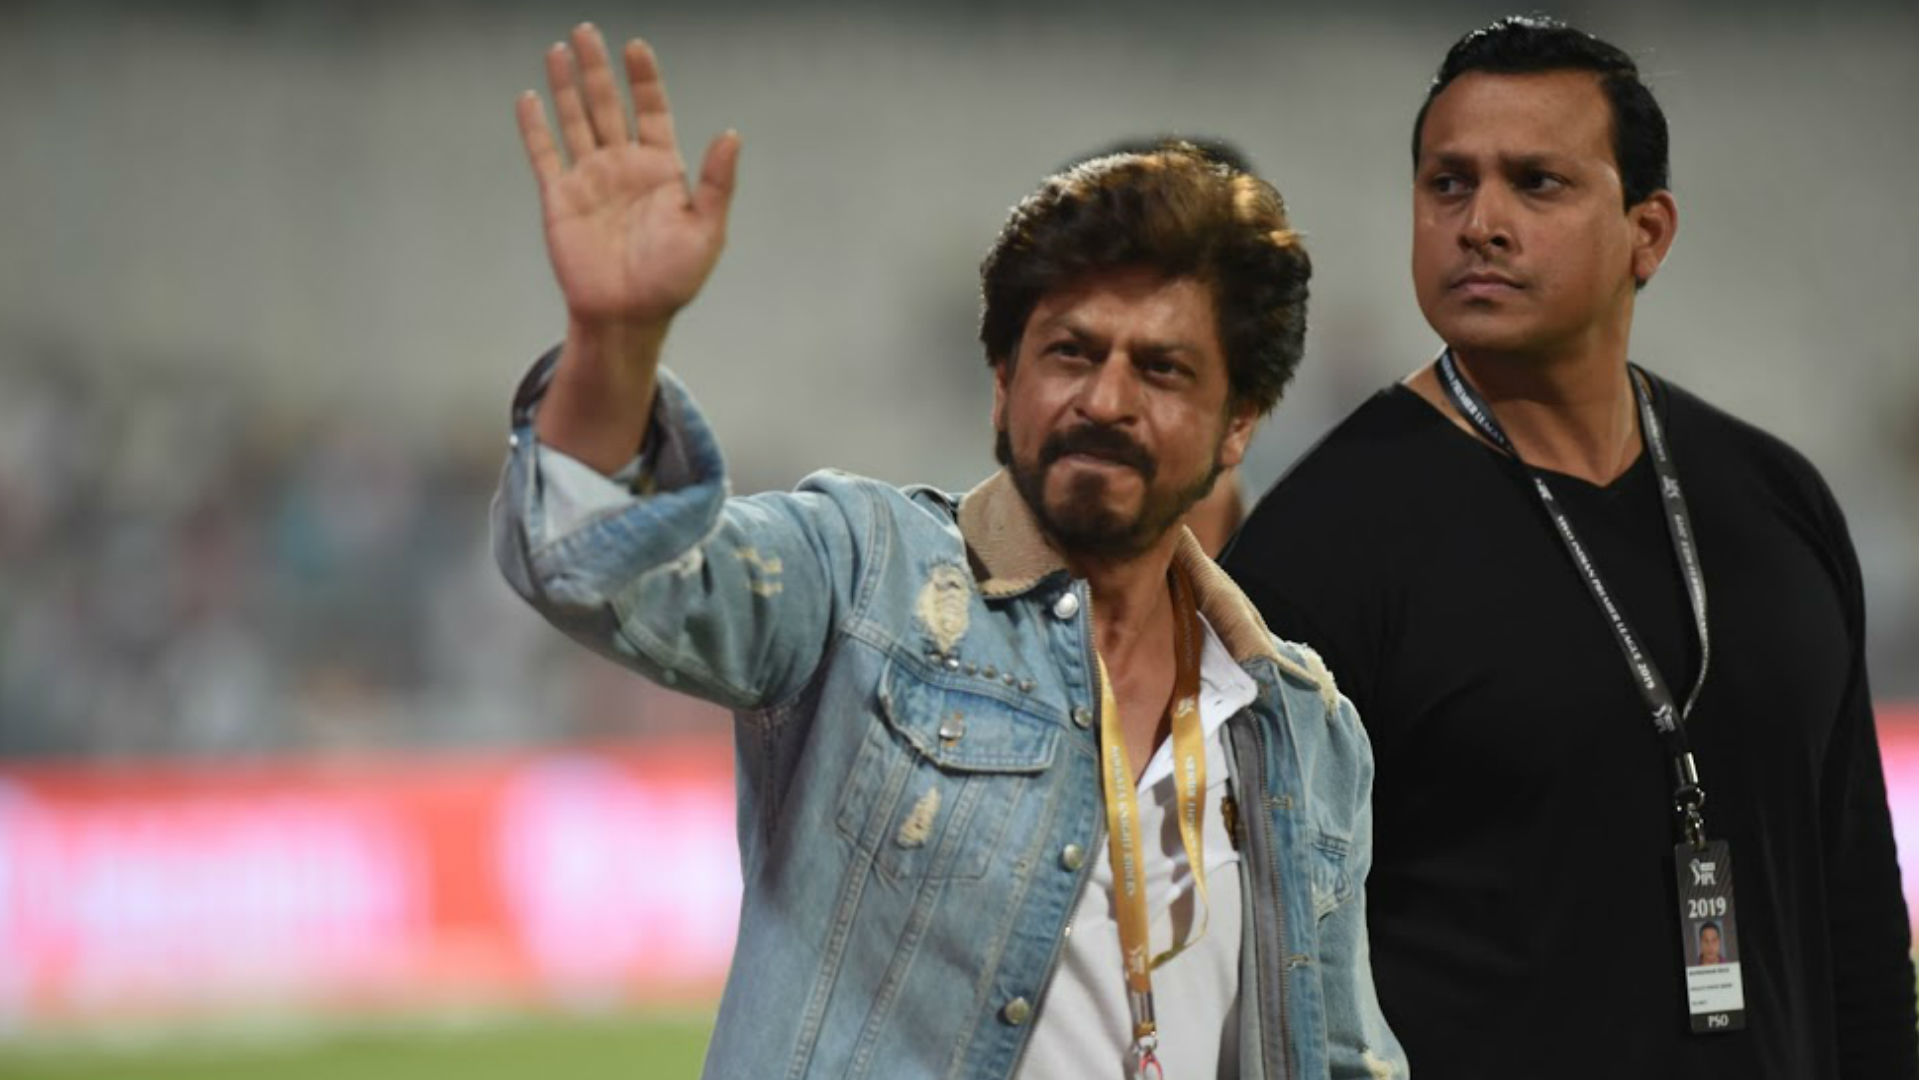 'बार्ड ऑफ ब्लड' के बाद नेटफ्लिक्स की इस हॉरर वेब सीरीज पर भी पैसा लगाएंगे शाहरुख खान